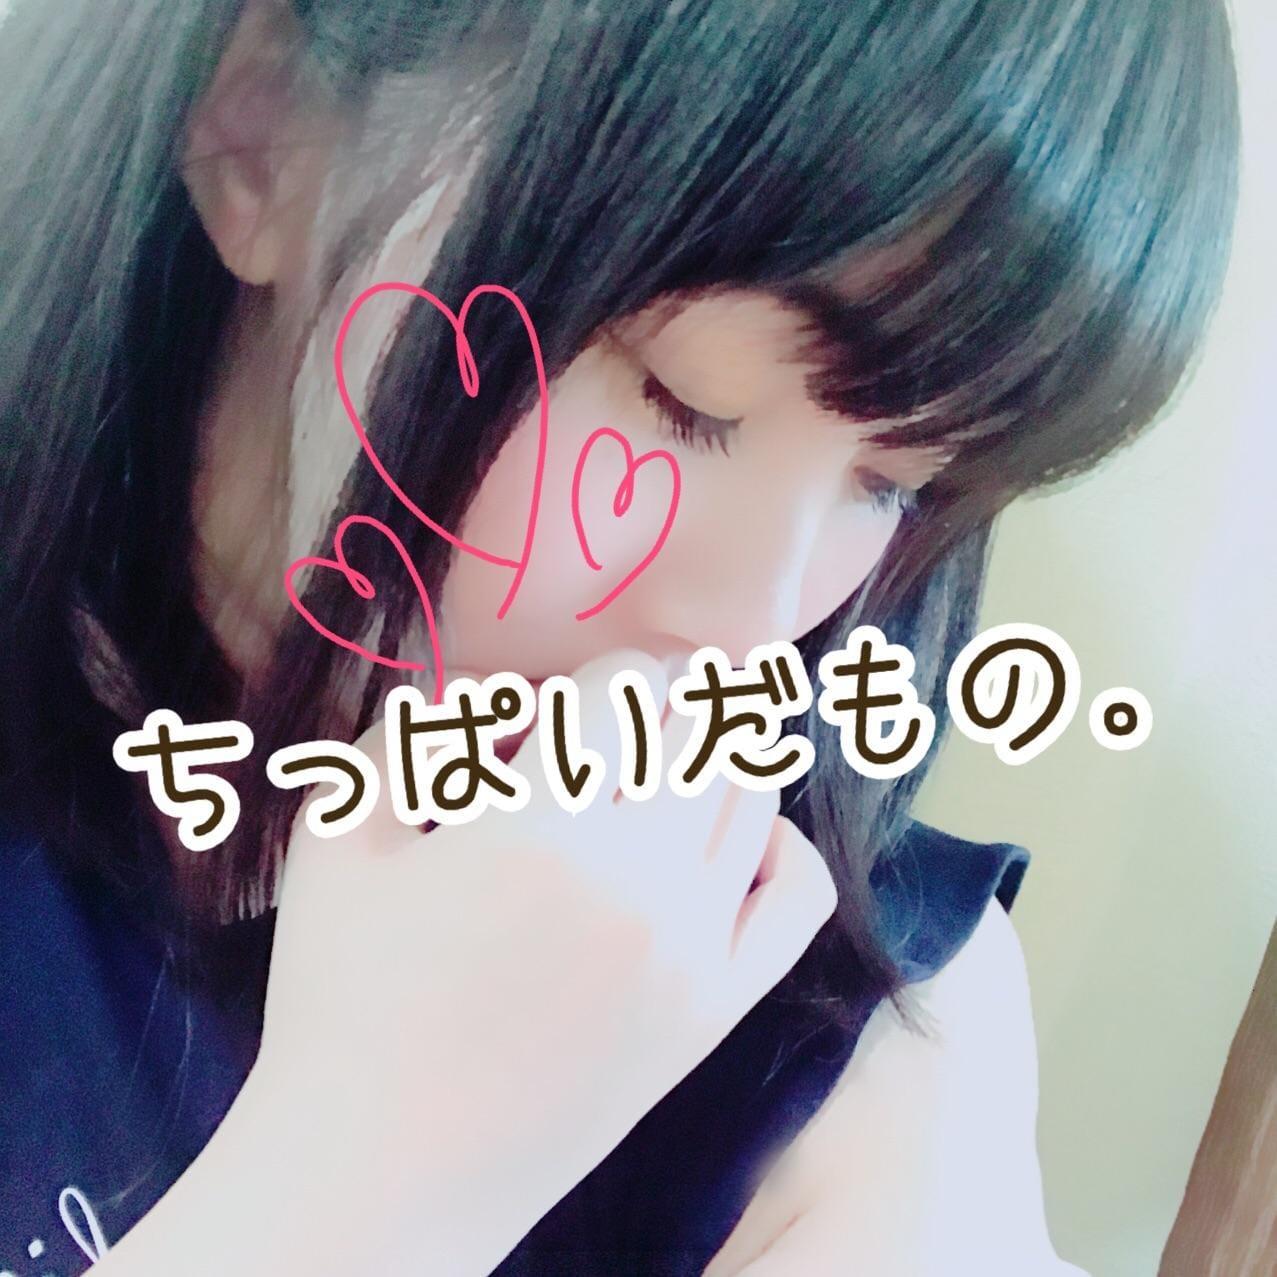 「今来るんかいっおまめさん」08/15(08/15) 09:27   Mame(まめ)の写メ・風俗動画